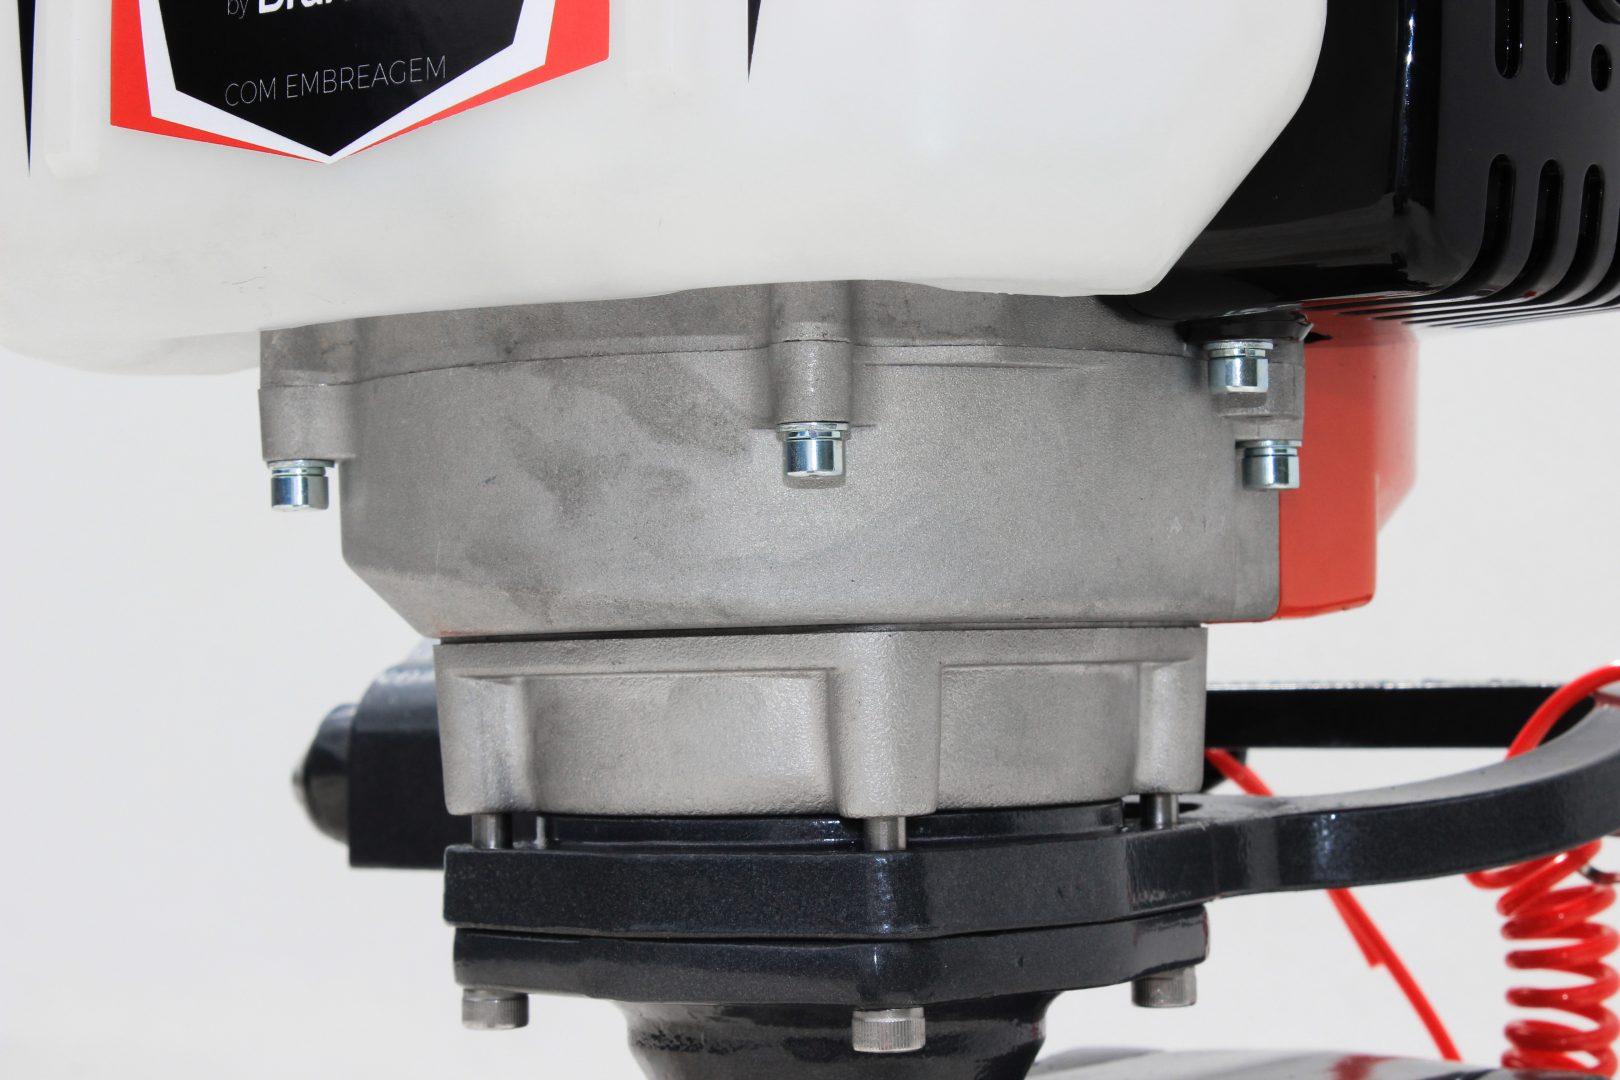 Kit Jet Turbo Central  com Embreagem + Suporte Central Foca, Mero e Marlim